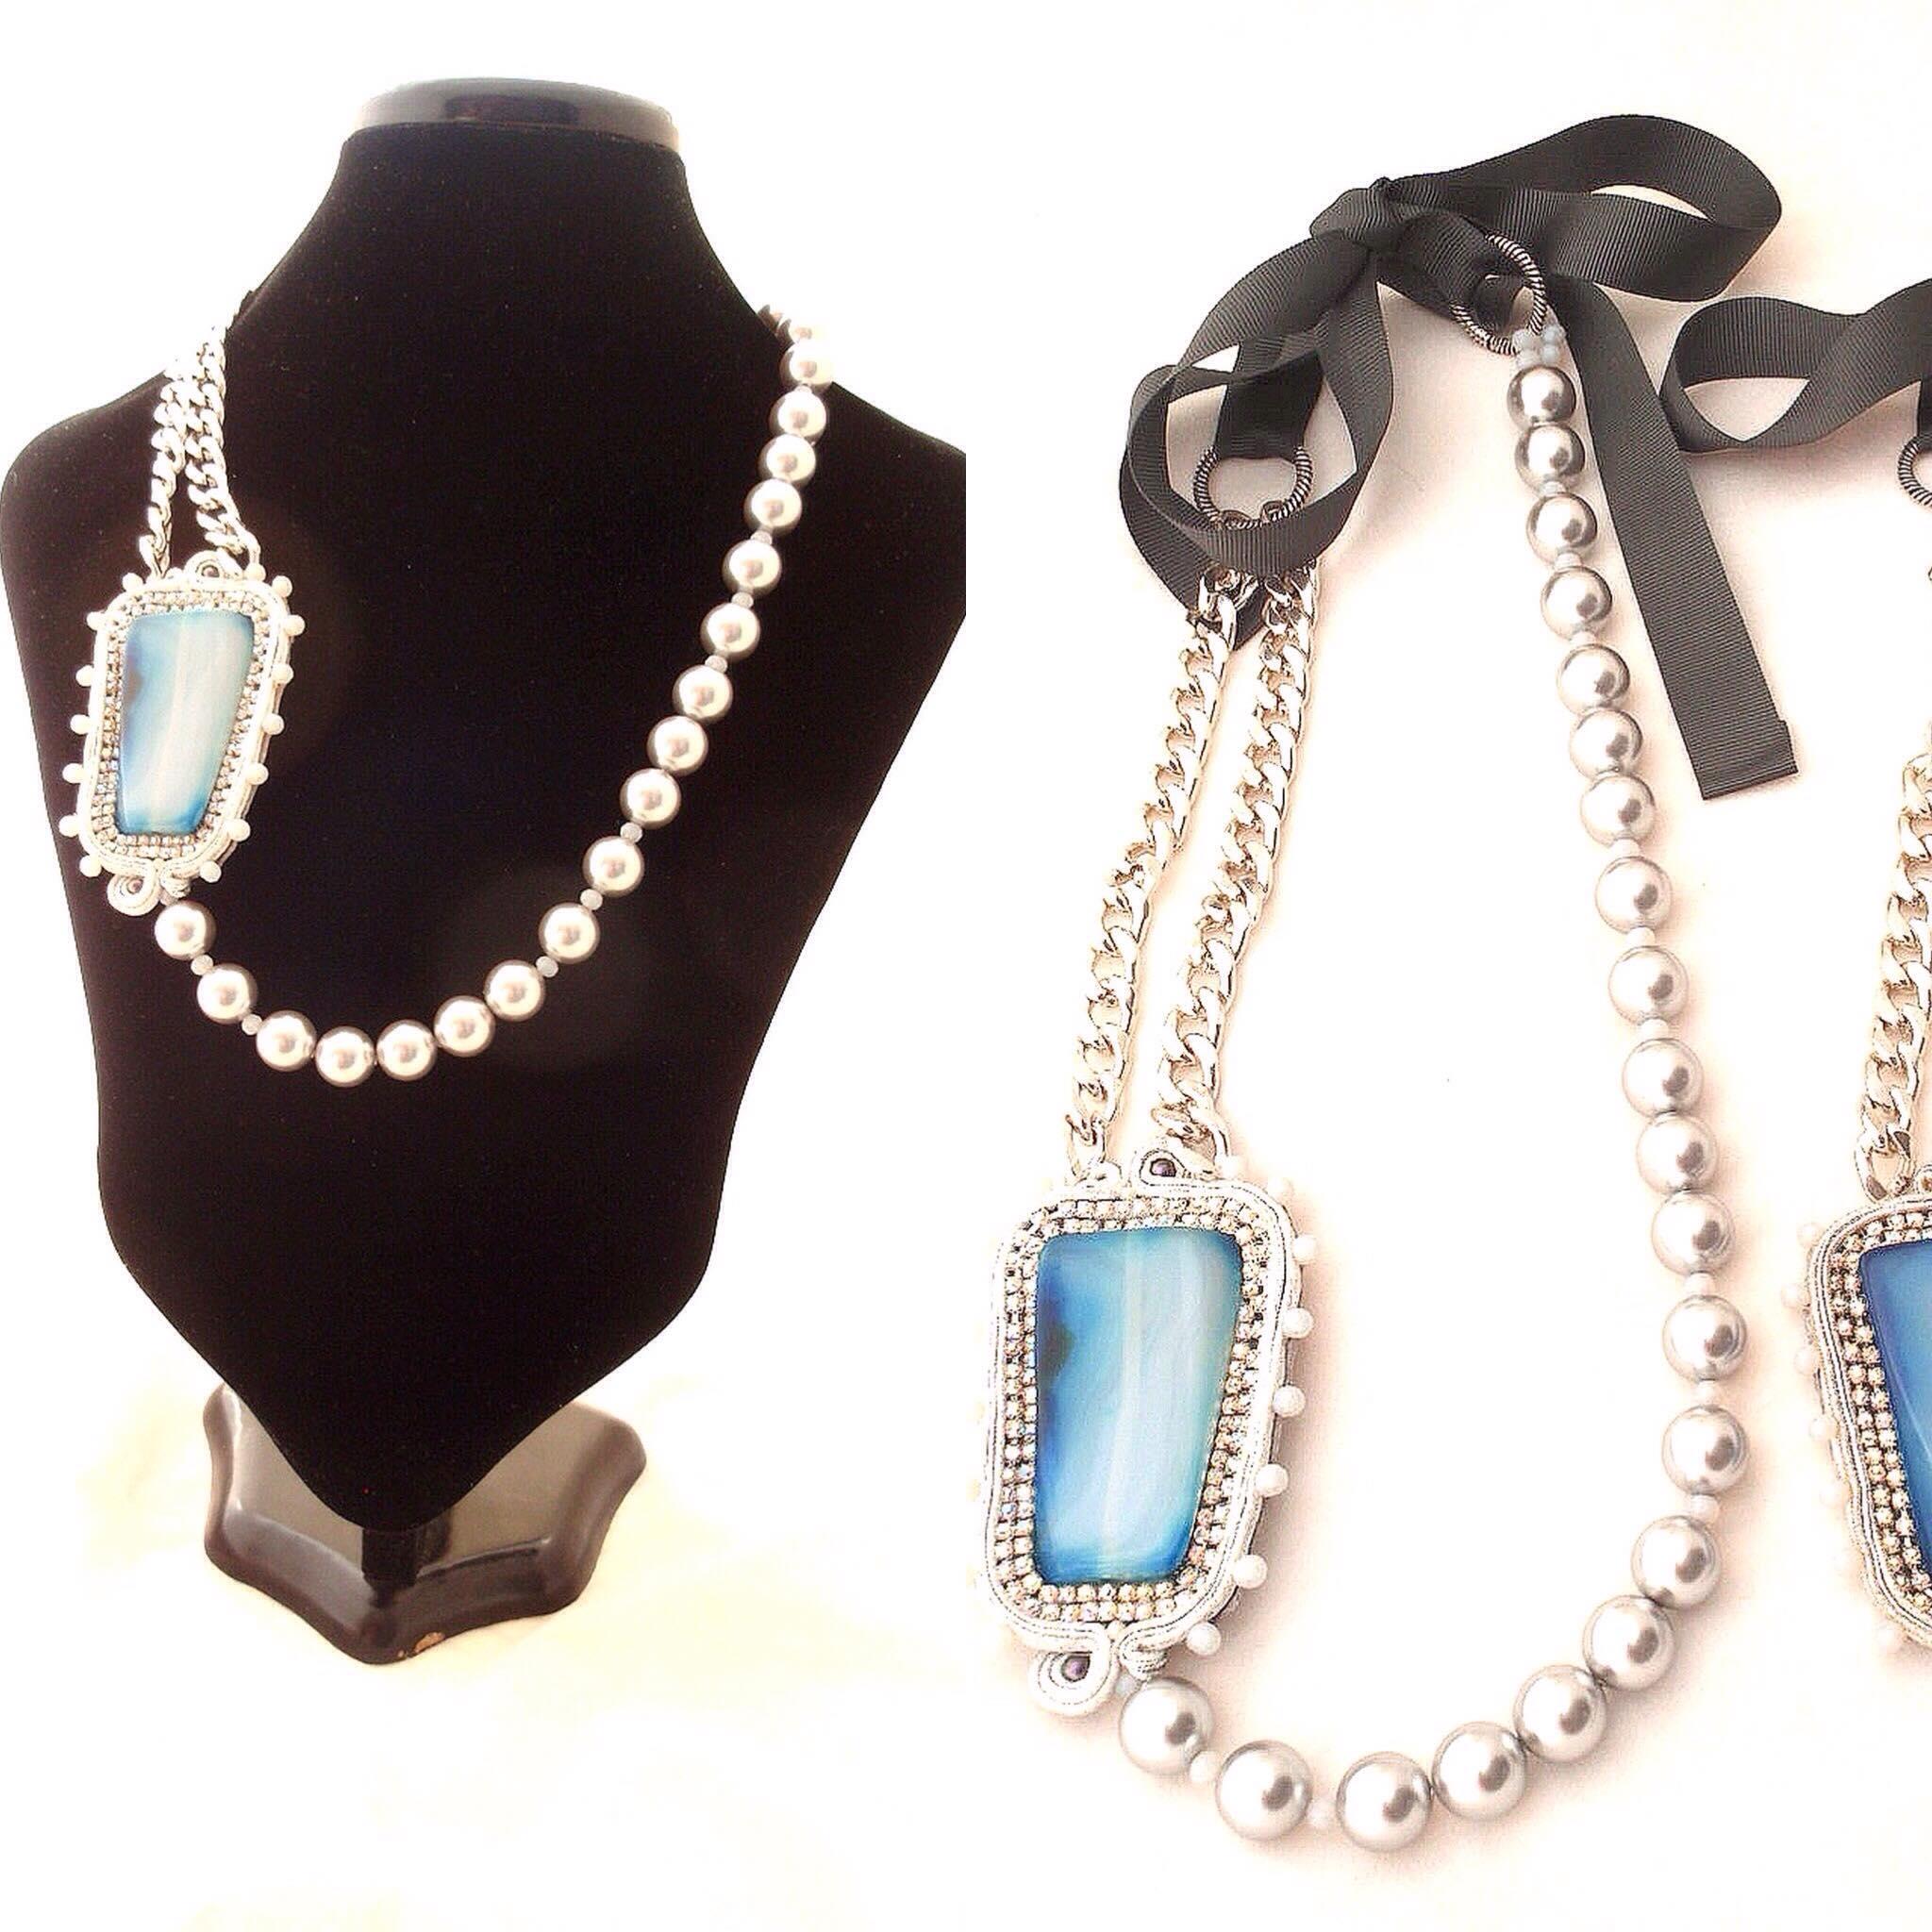 Beads of Aquarius s'offre un petit bijoux de Netflix